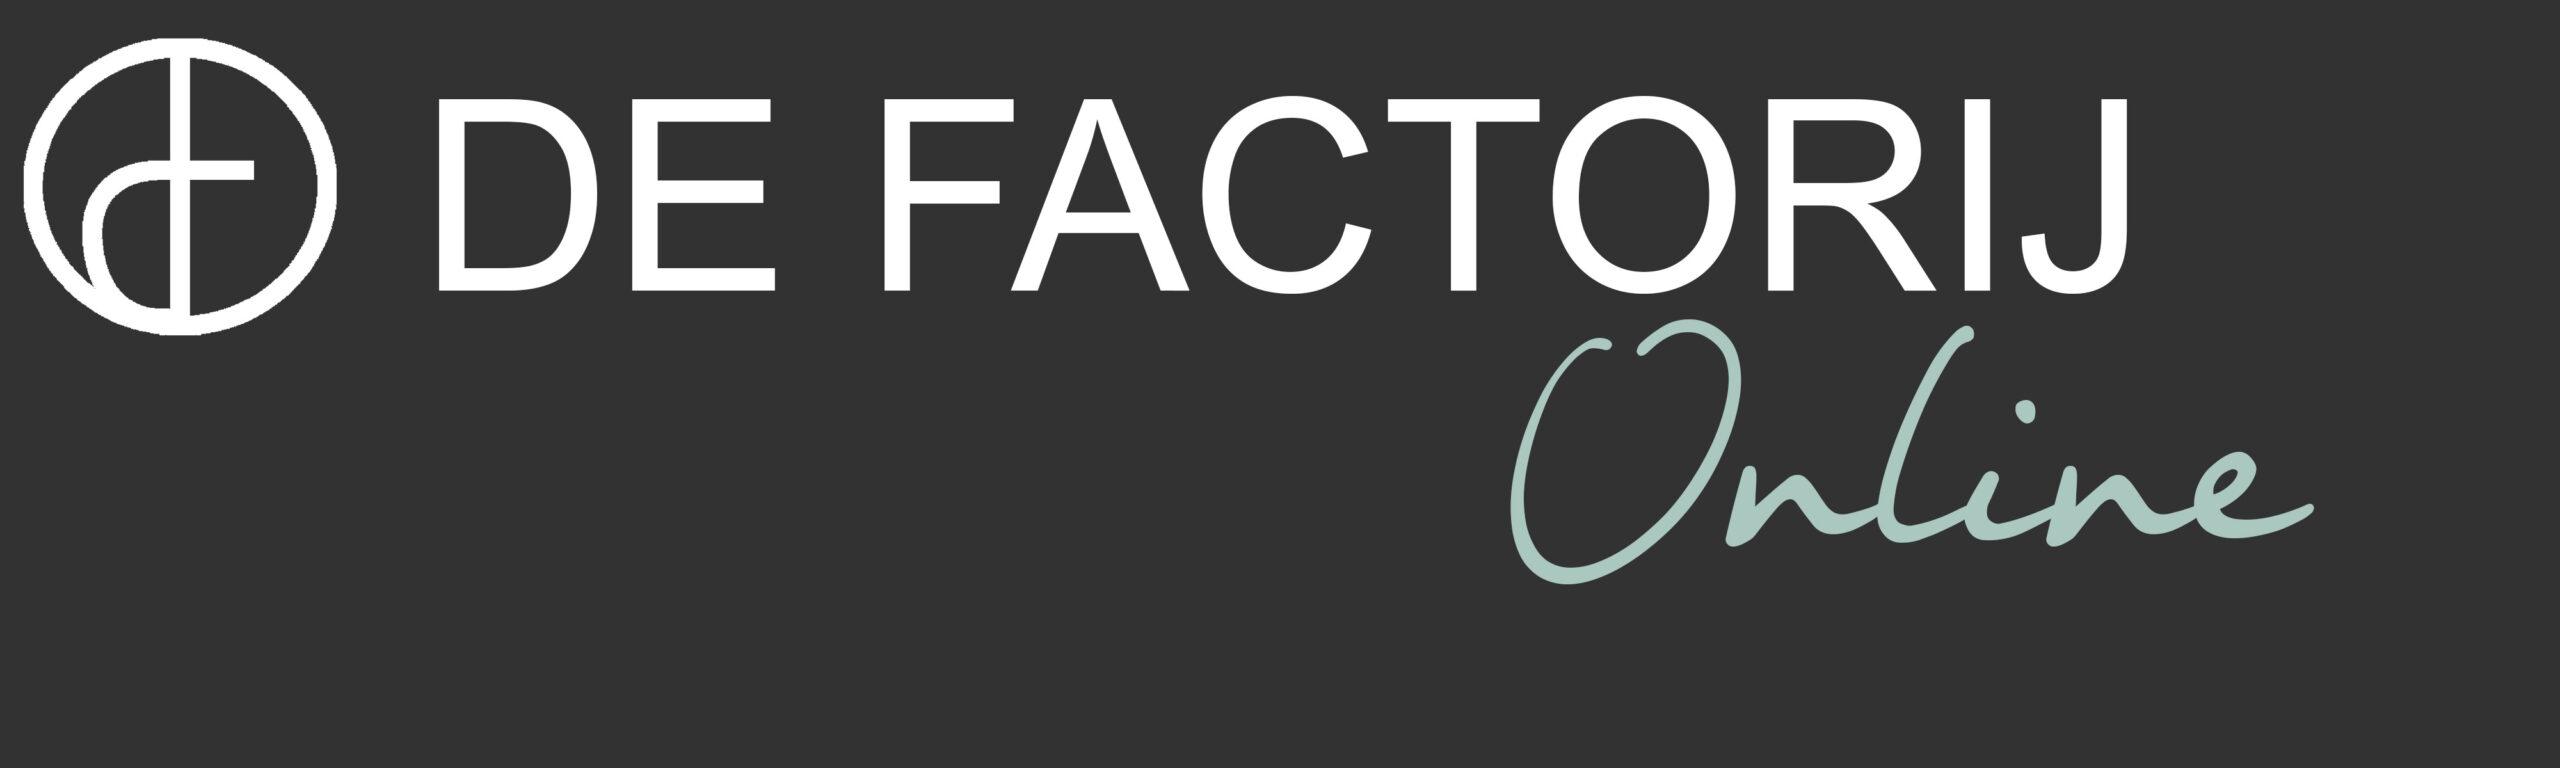 De Factorij Online